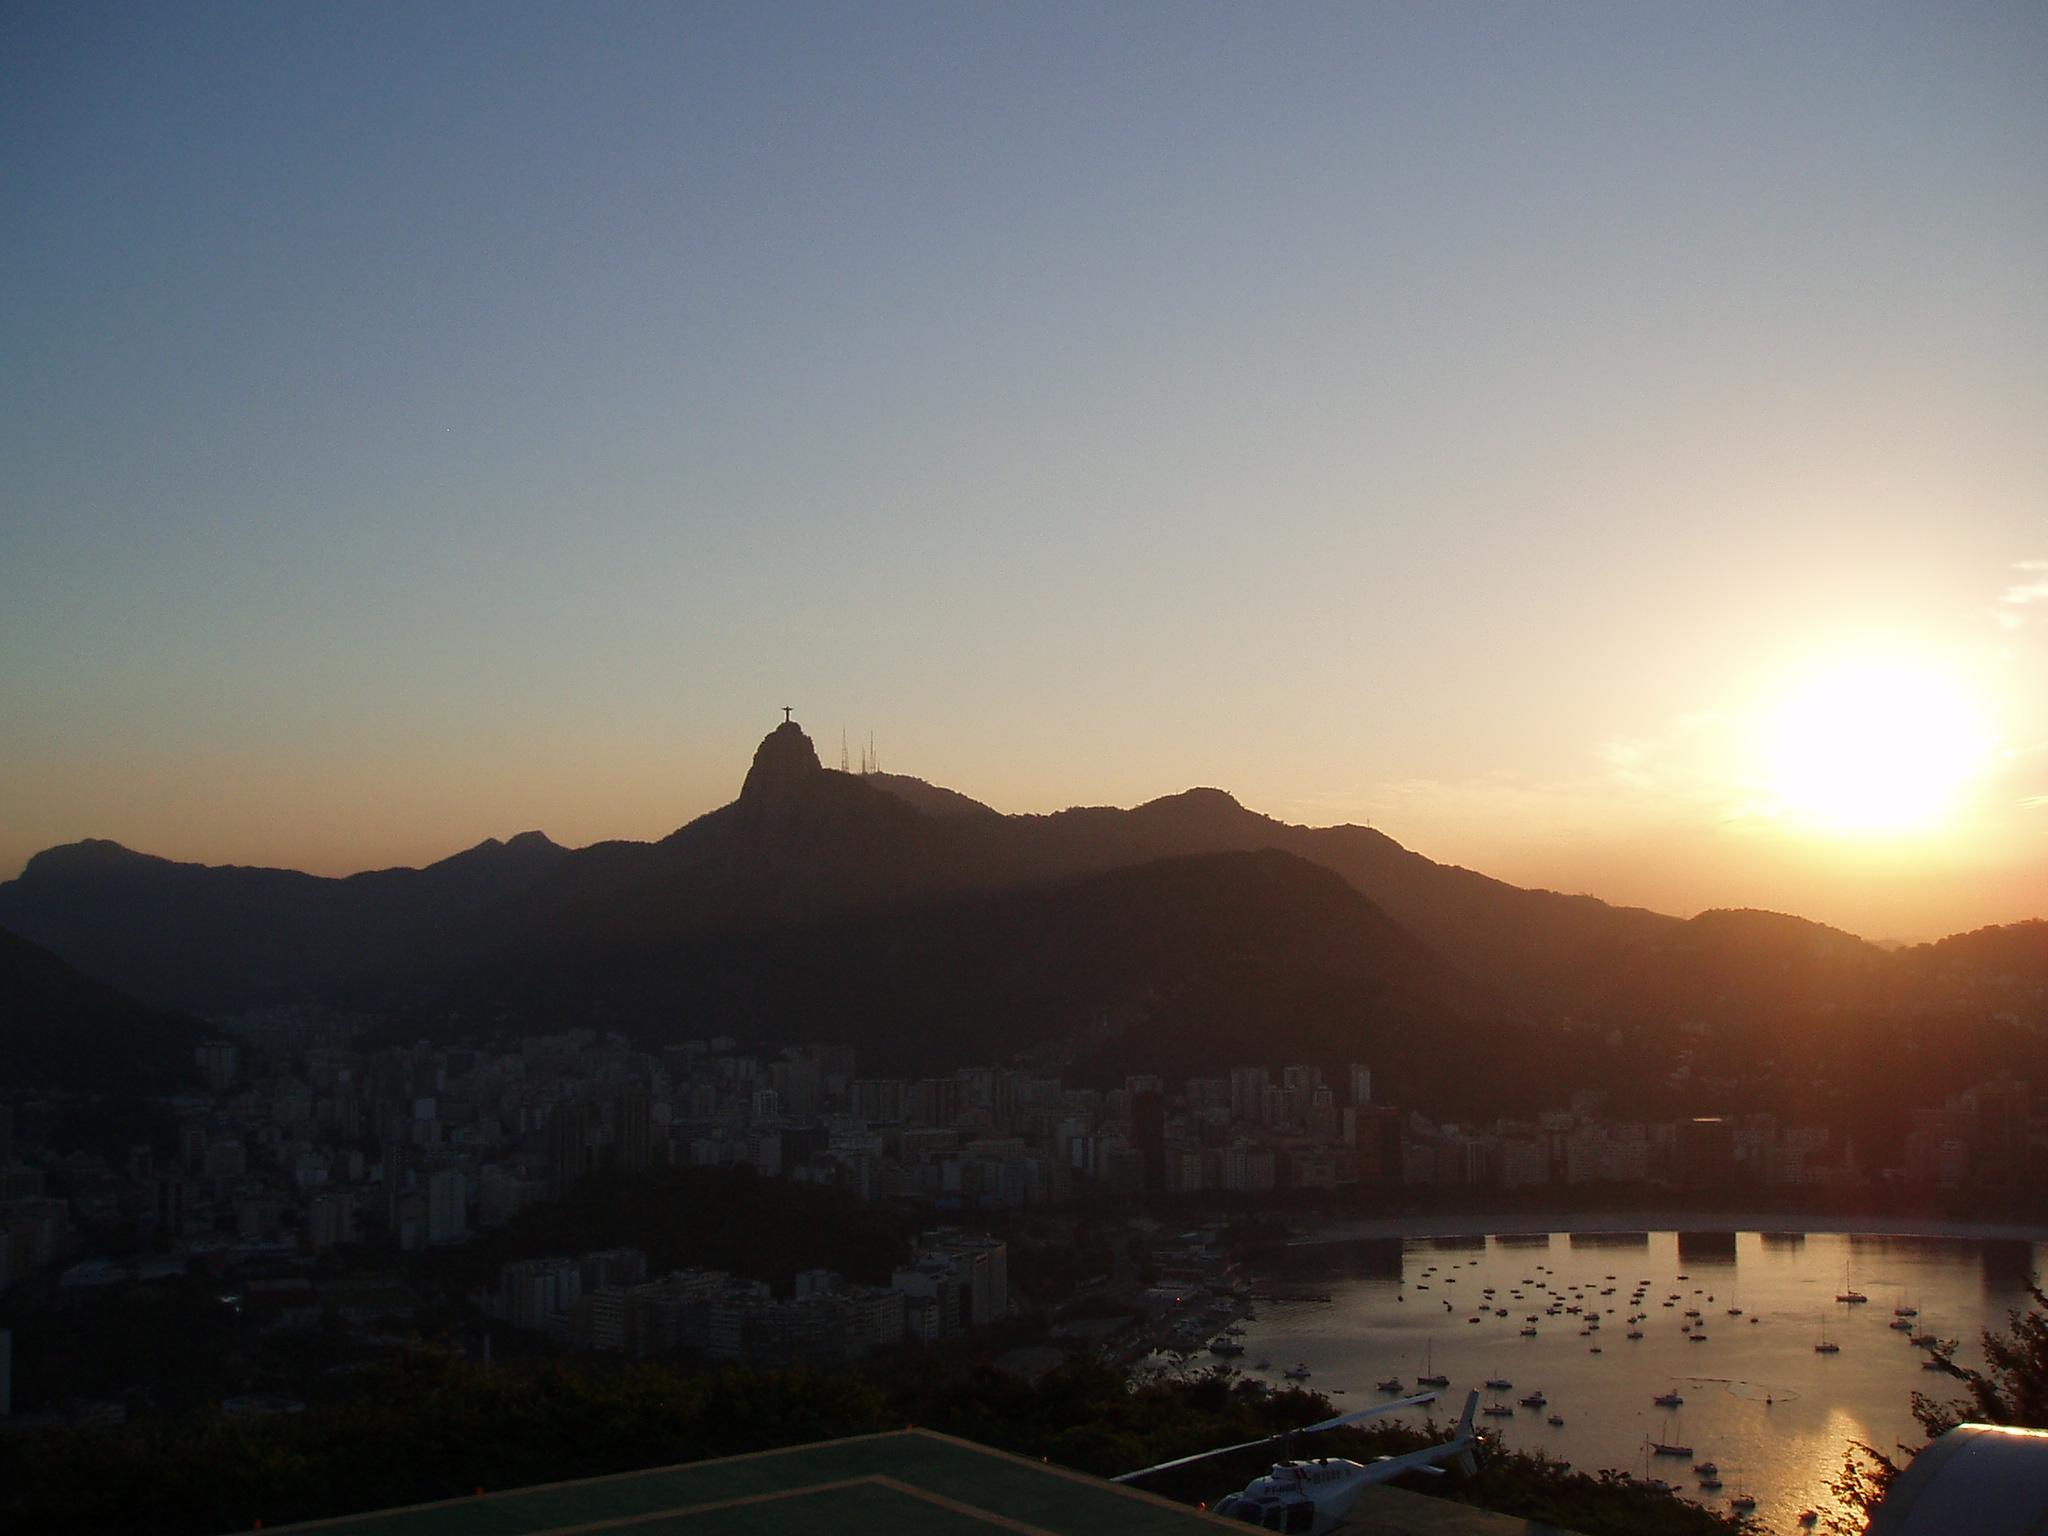 Televisao No Rio De Janeiro Wikipedia A Enciclopedia Livre